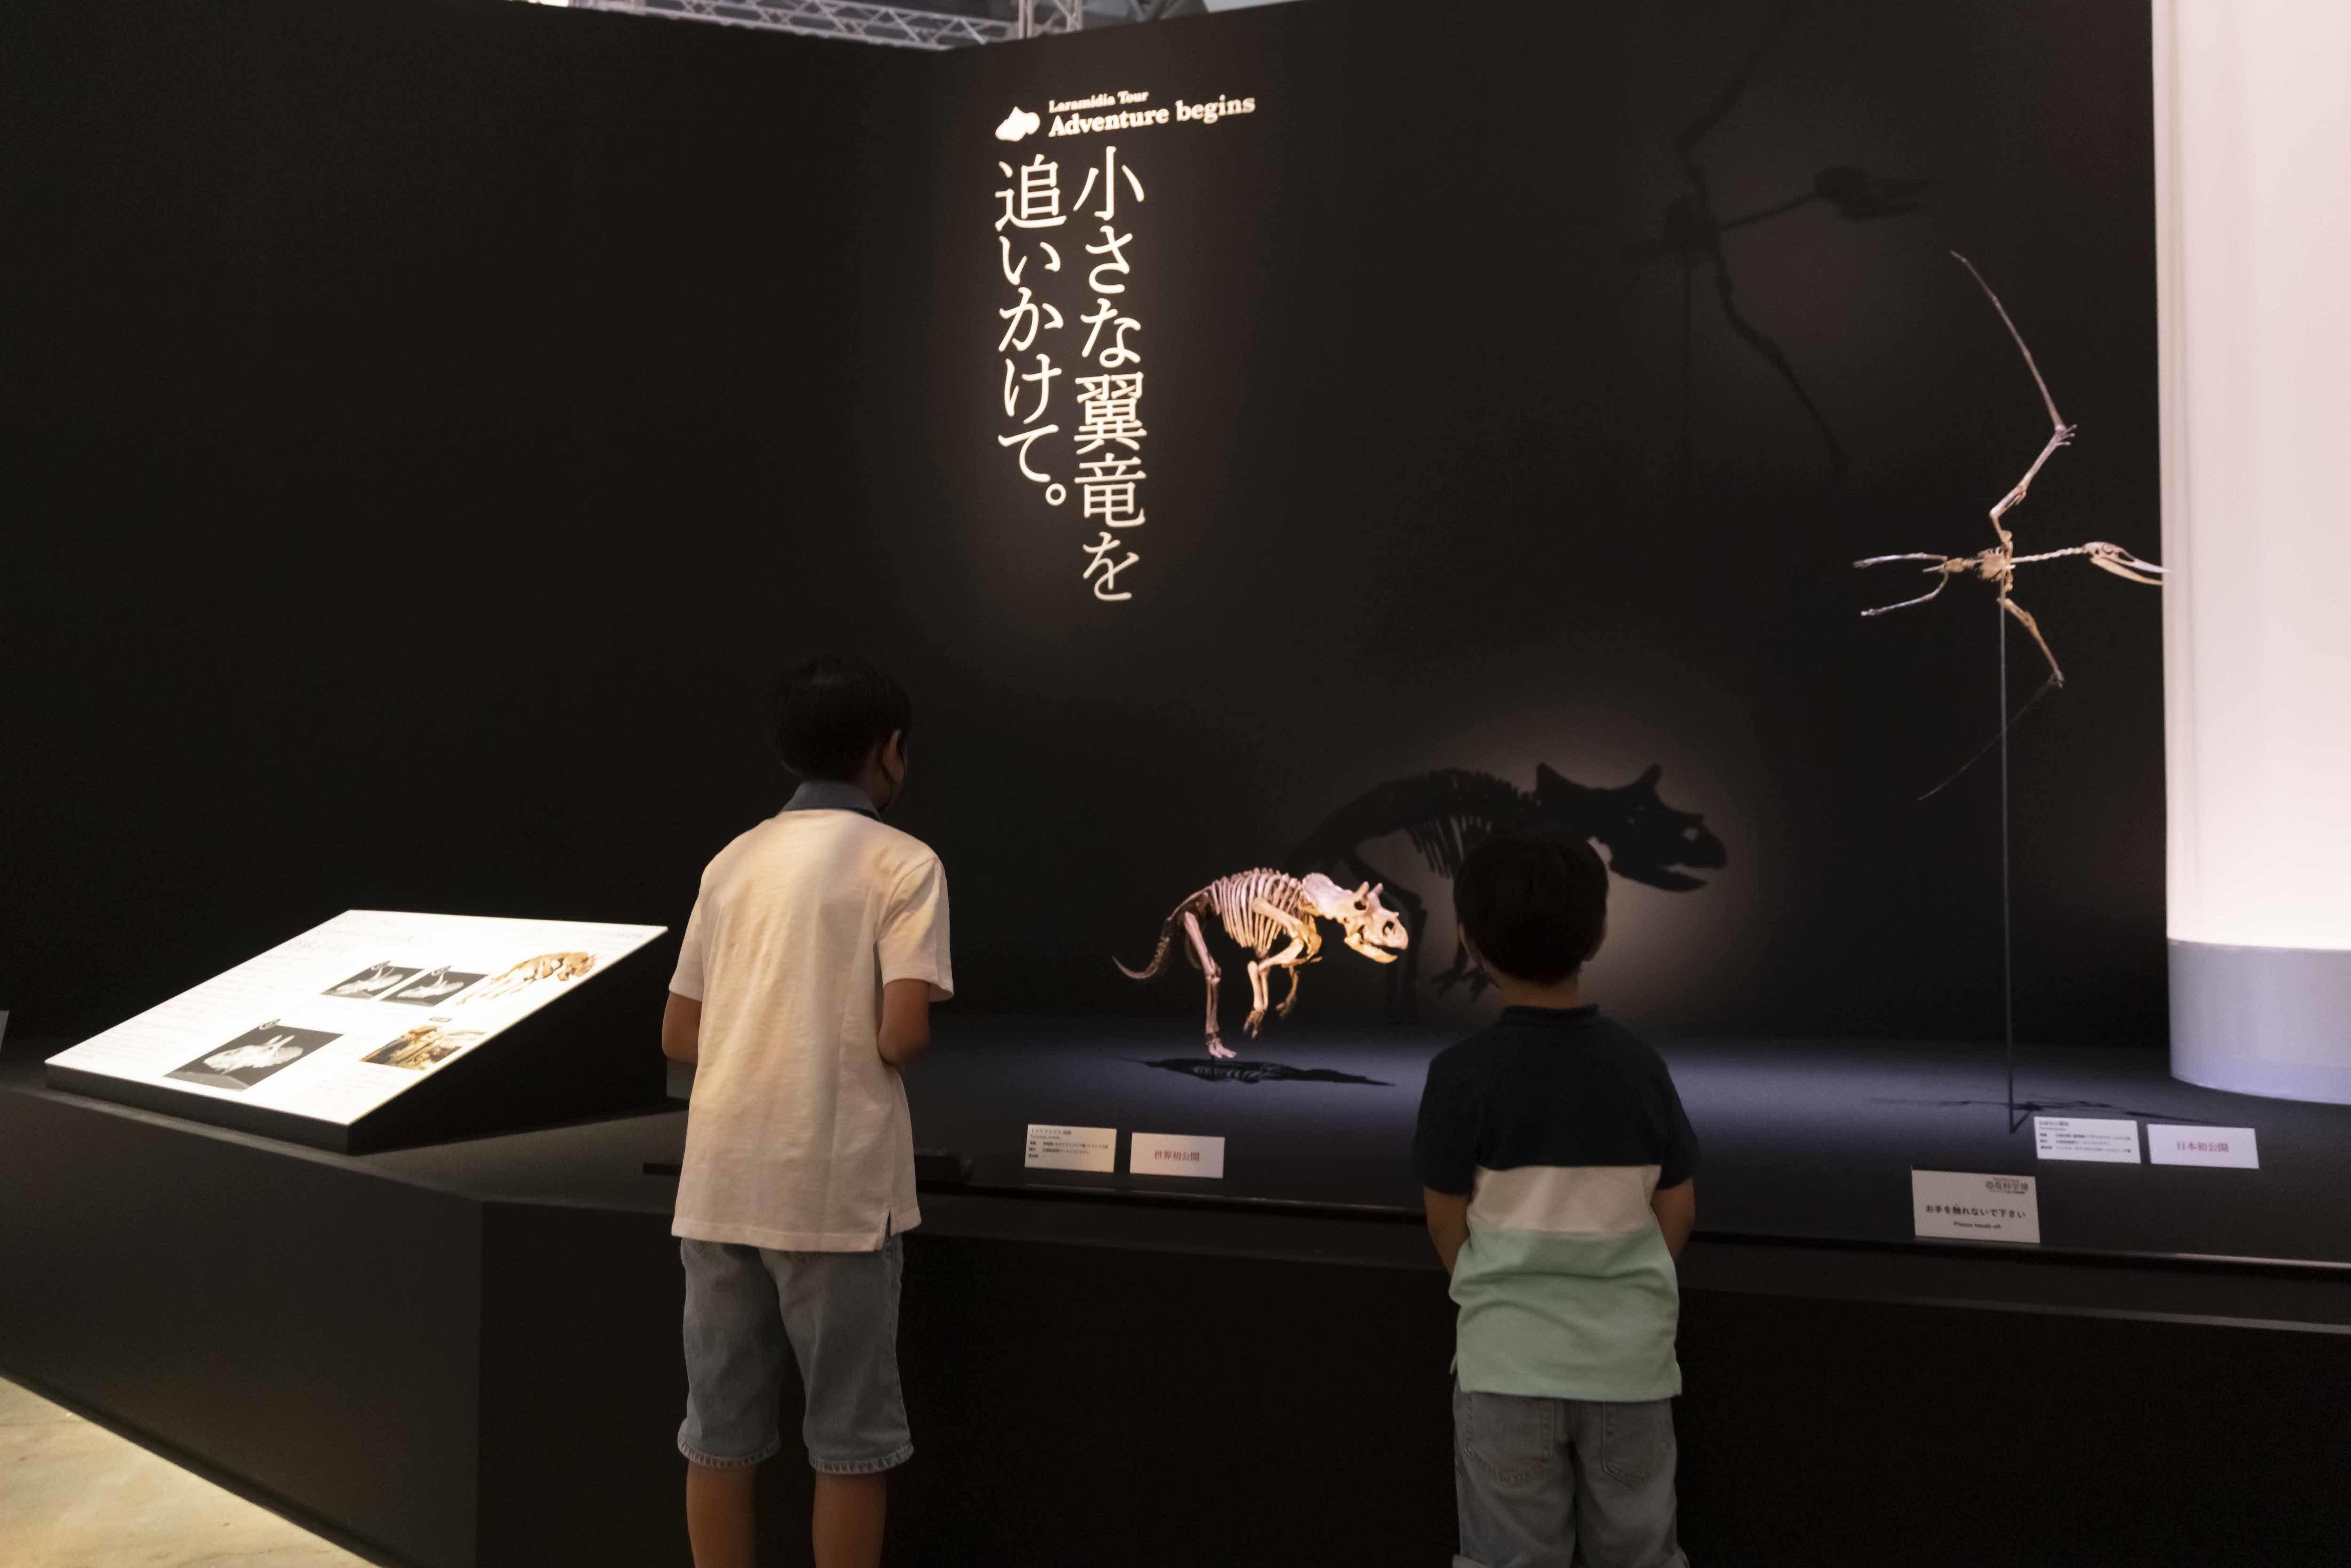 子供トリケラトプスの骨格標本は、本展のため「レイン」の骨格を元に科学的に再現し、世界で初めて組み立てられたものだ